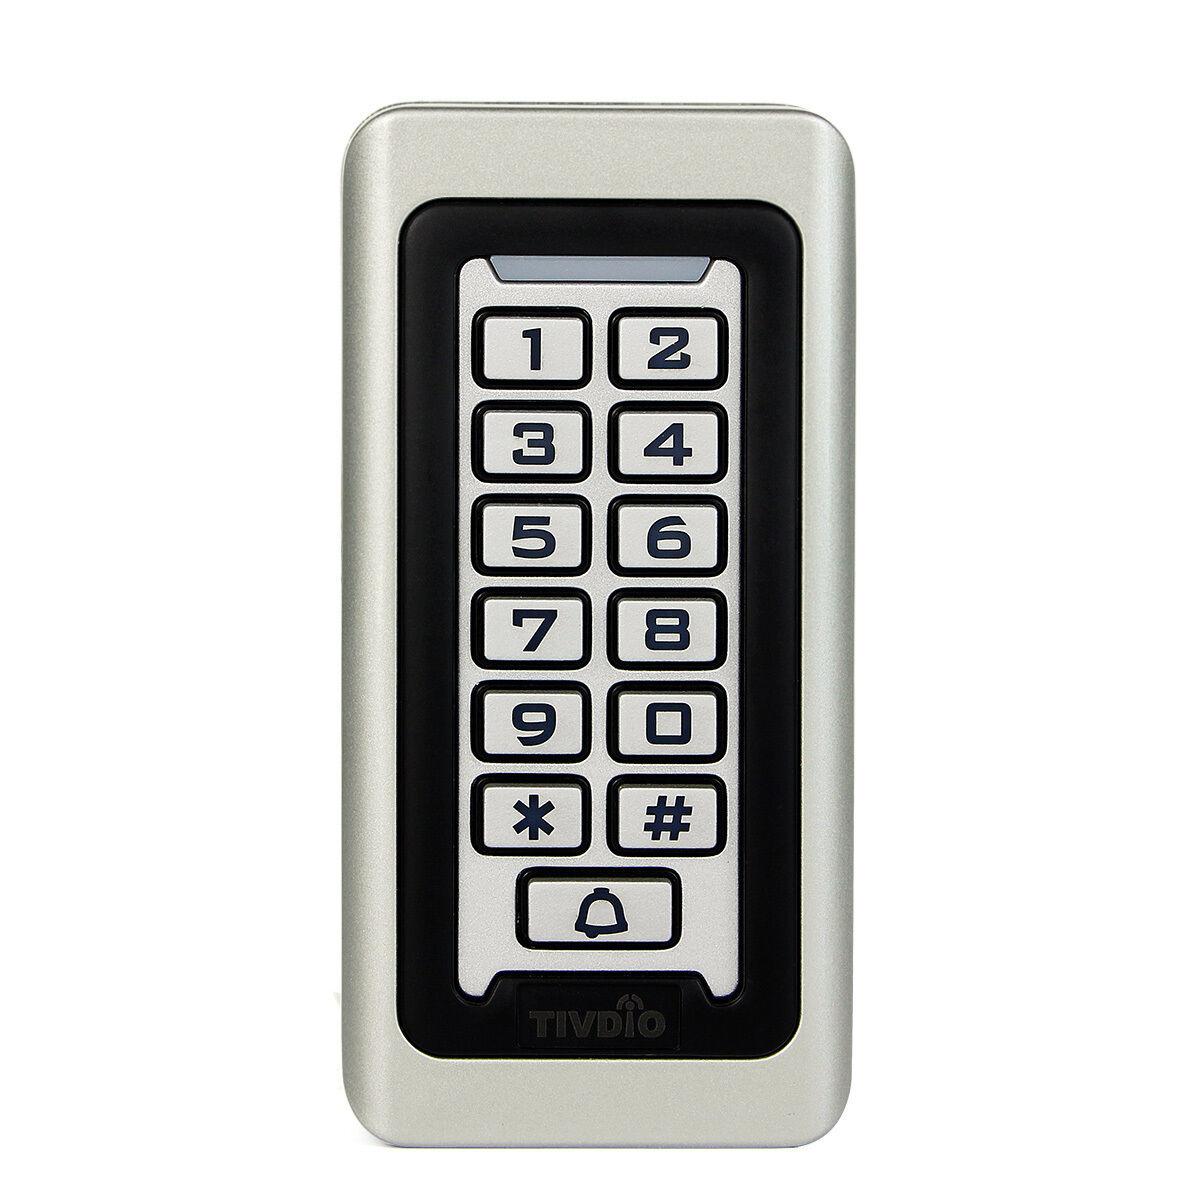 TIVDIO RFID- &PIN-Code-Schloss,Wasserdicht,Metallgehäuse Silber RFID-Codeschloss | Schnelle Lieferung  | Economy  | Reichlich Und Pünktliche Lieferung  | Abgabepreis